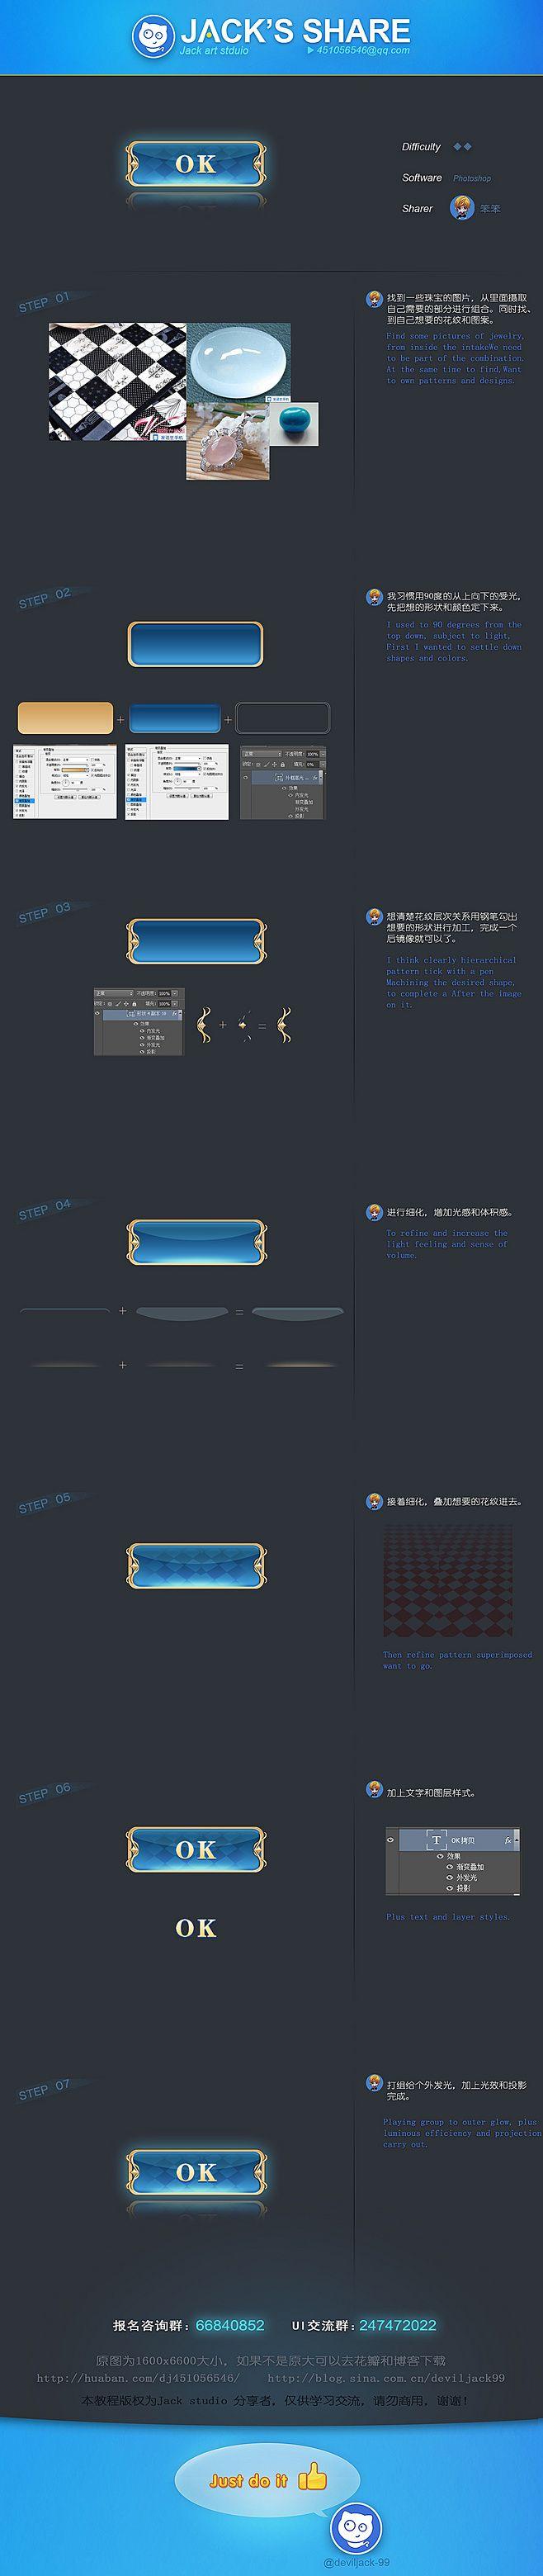 Jack Art Studio-游戏UI...@DEVILJACK-99采集到公益教程(Jack团队分享)(116图)_花瓣UI/UX